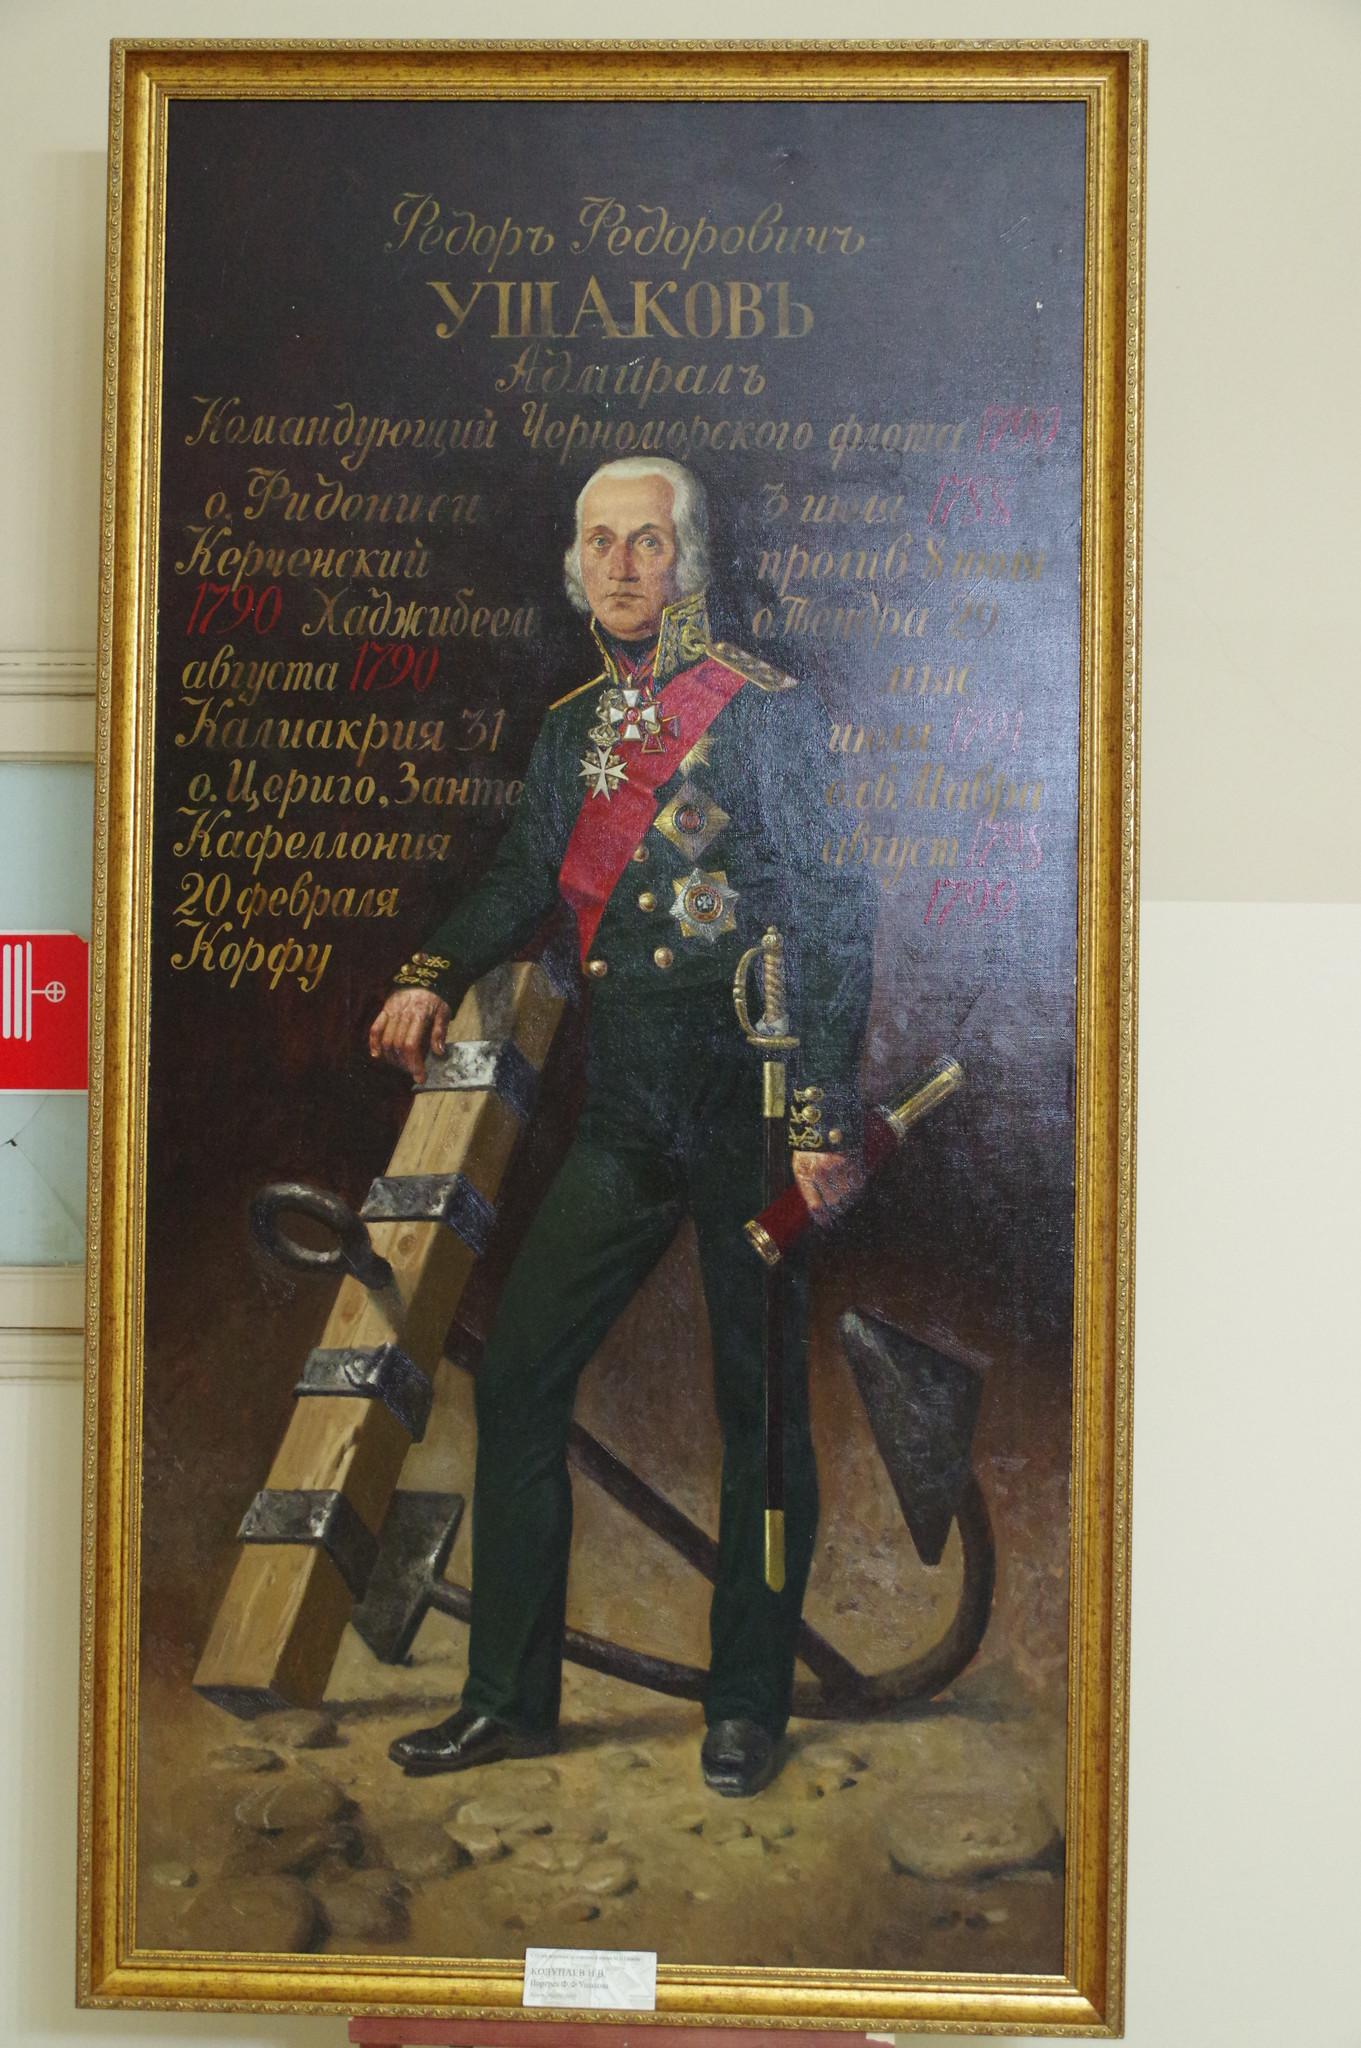 Портрет Ф.Ф. Ушакова. Колупаев Н.В. Холст, масло, 2008 г.